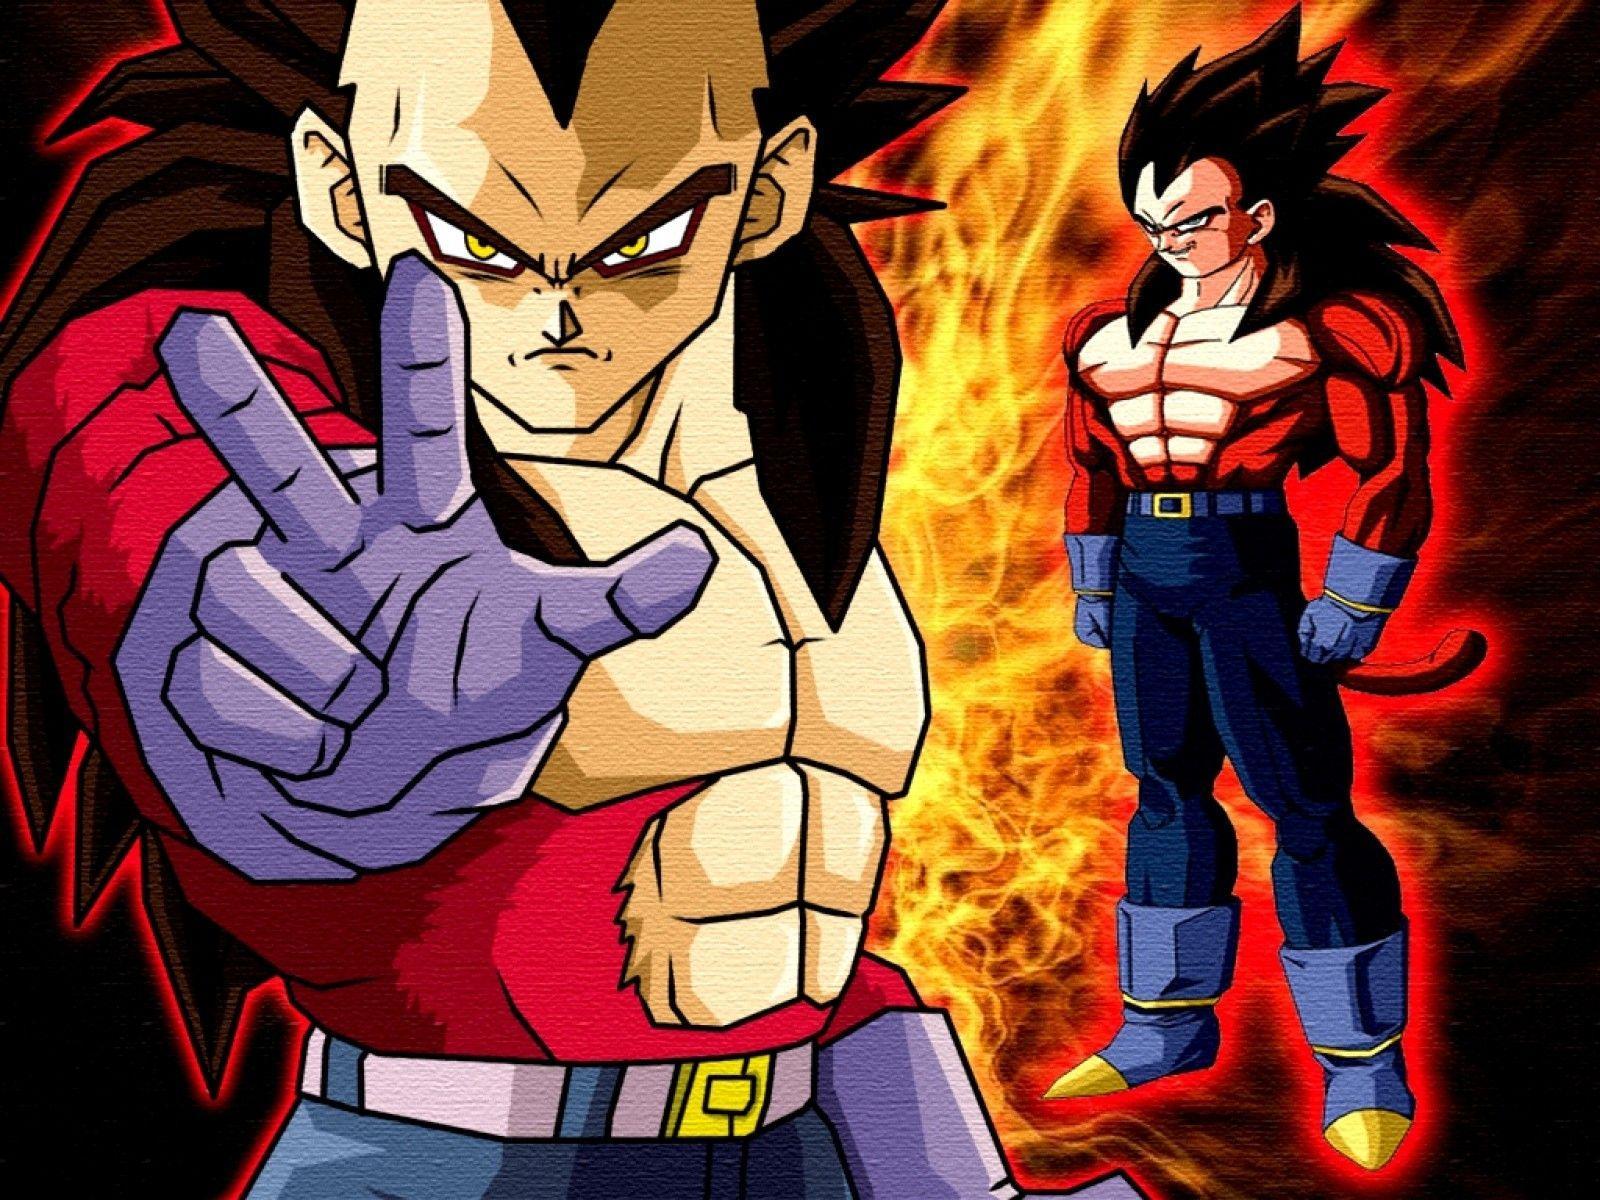 Dragon Ball Z Wallpapers Goku And Vegeta Super Saiyan 4